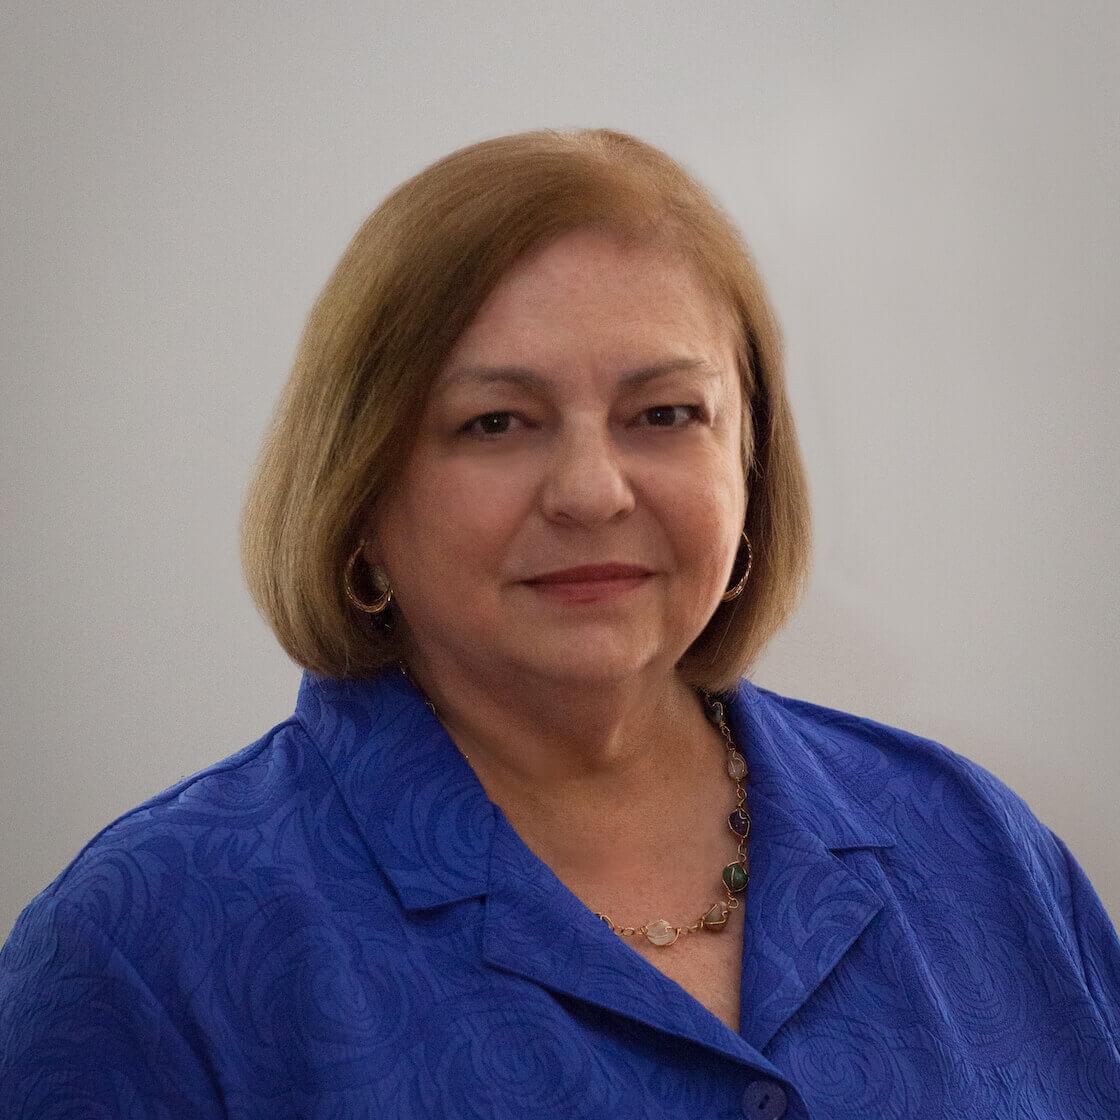 Eleonora Dubicki